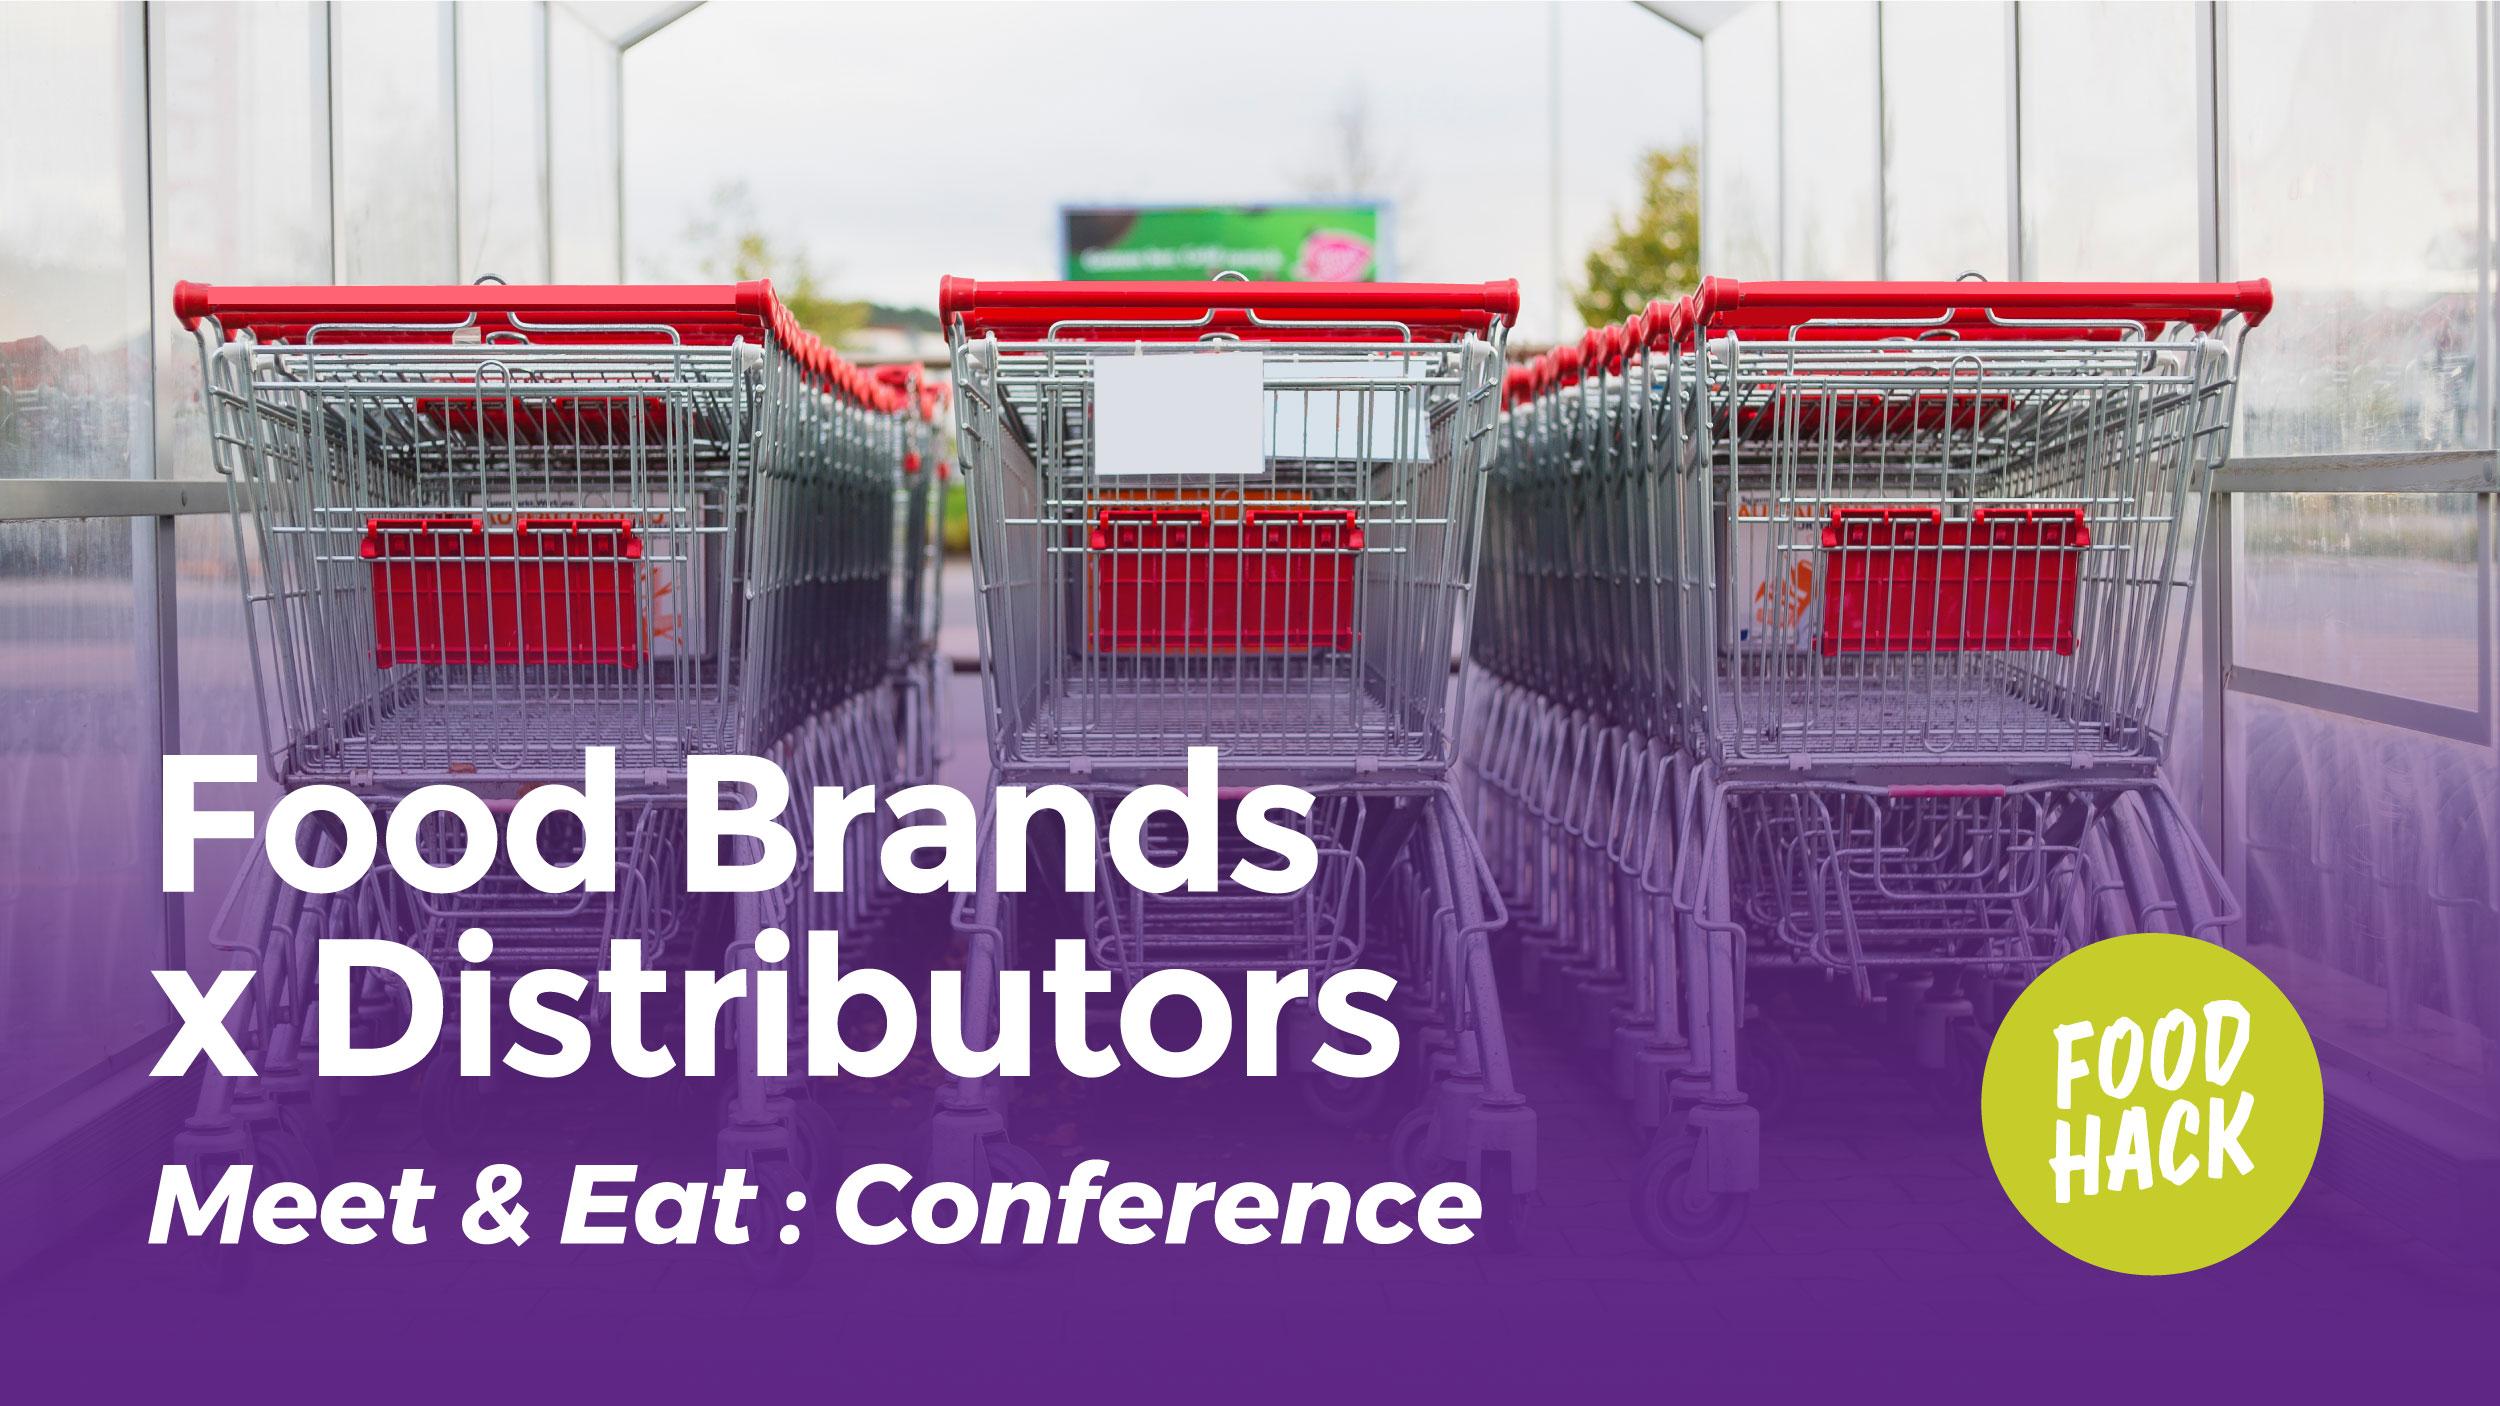 FoodBrandsxDistributors-Conference-2.jpg